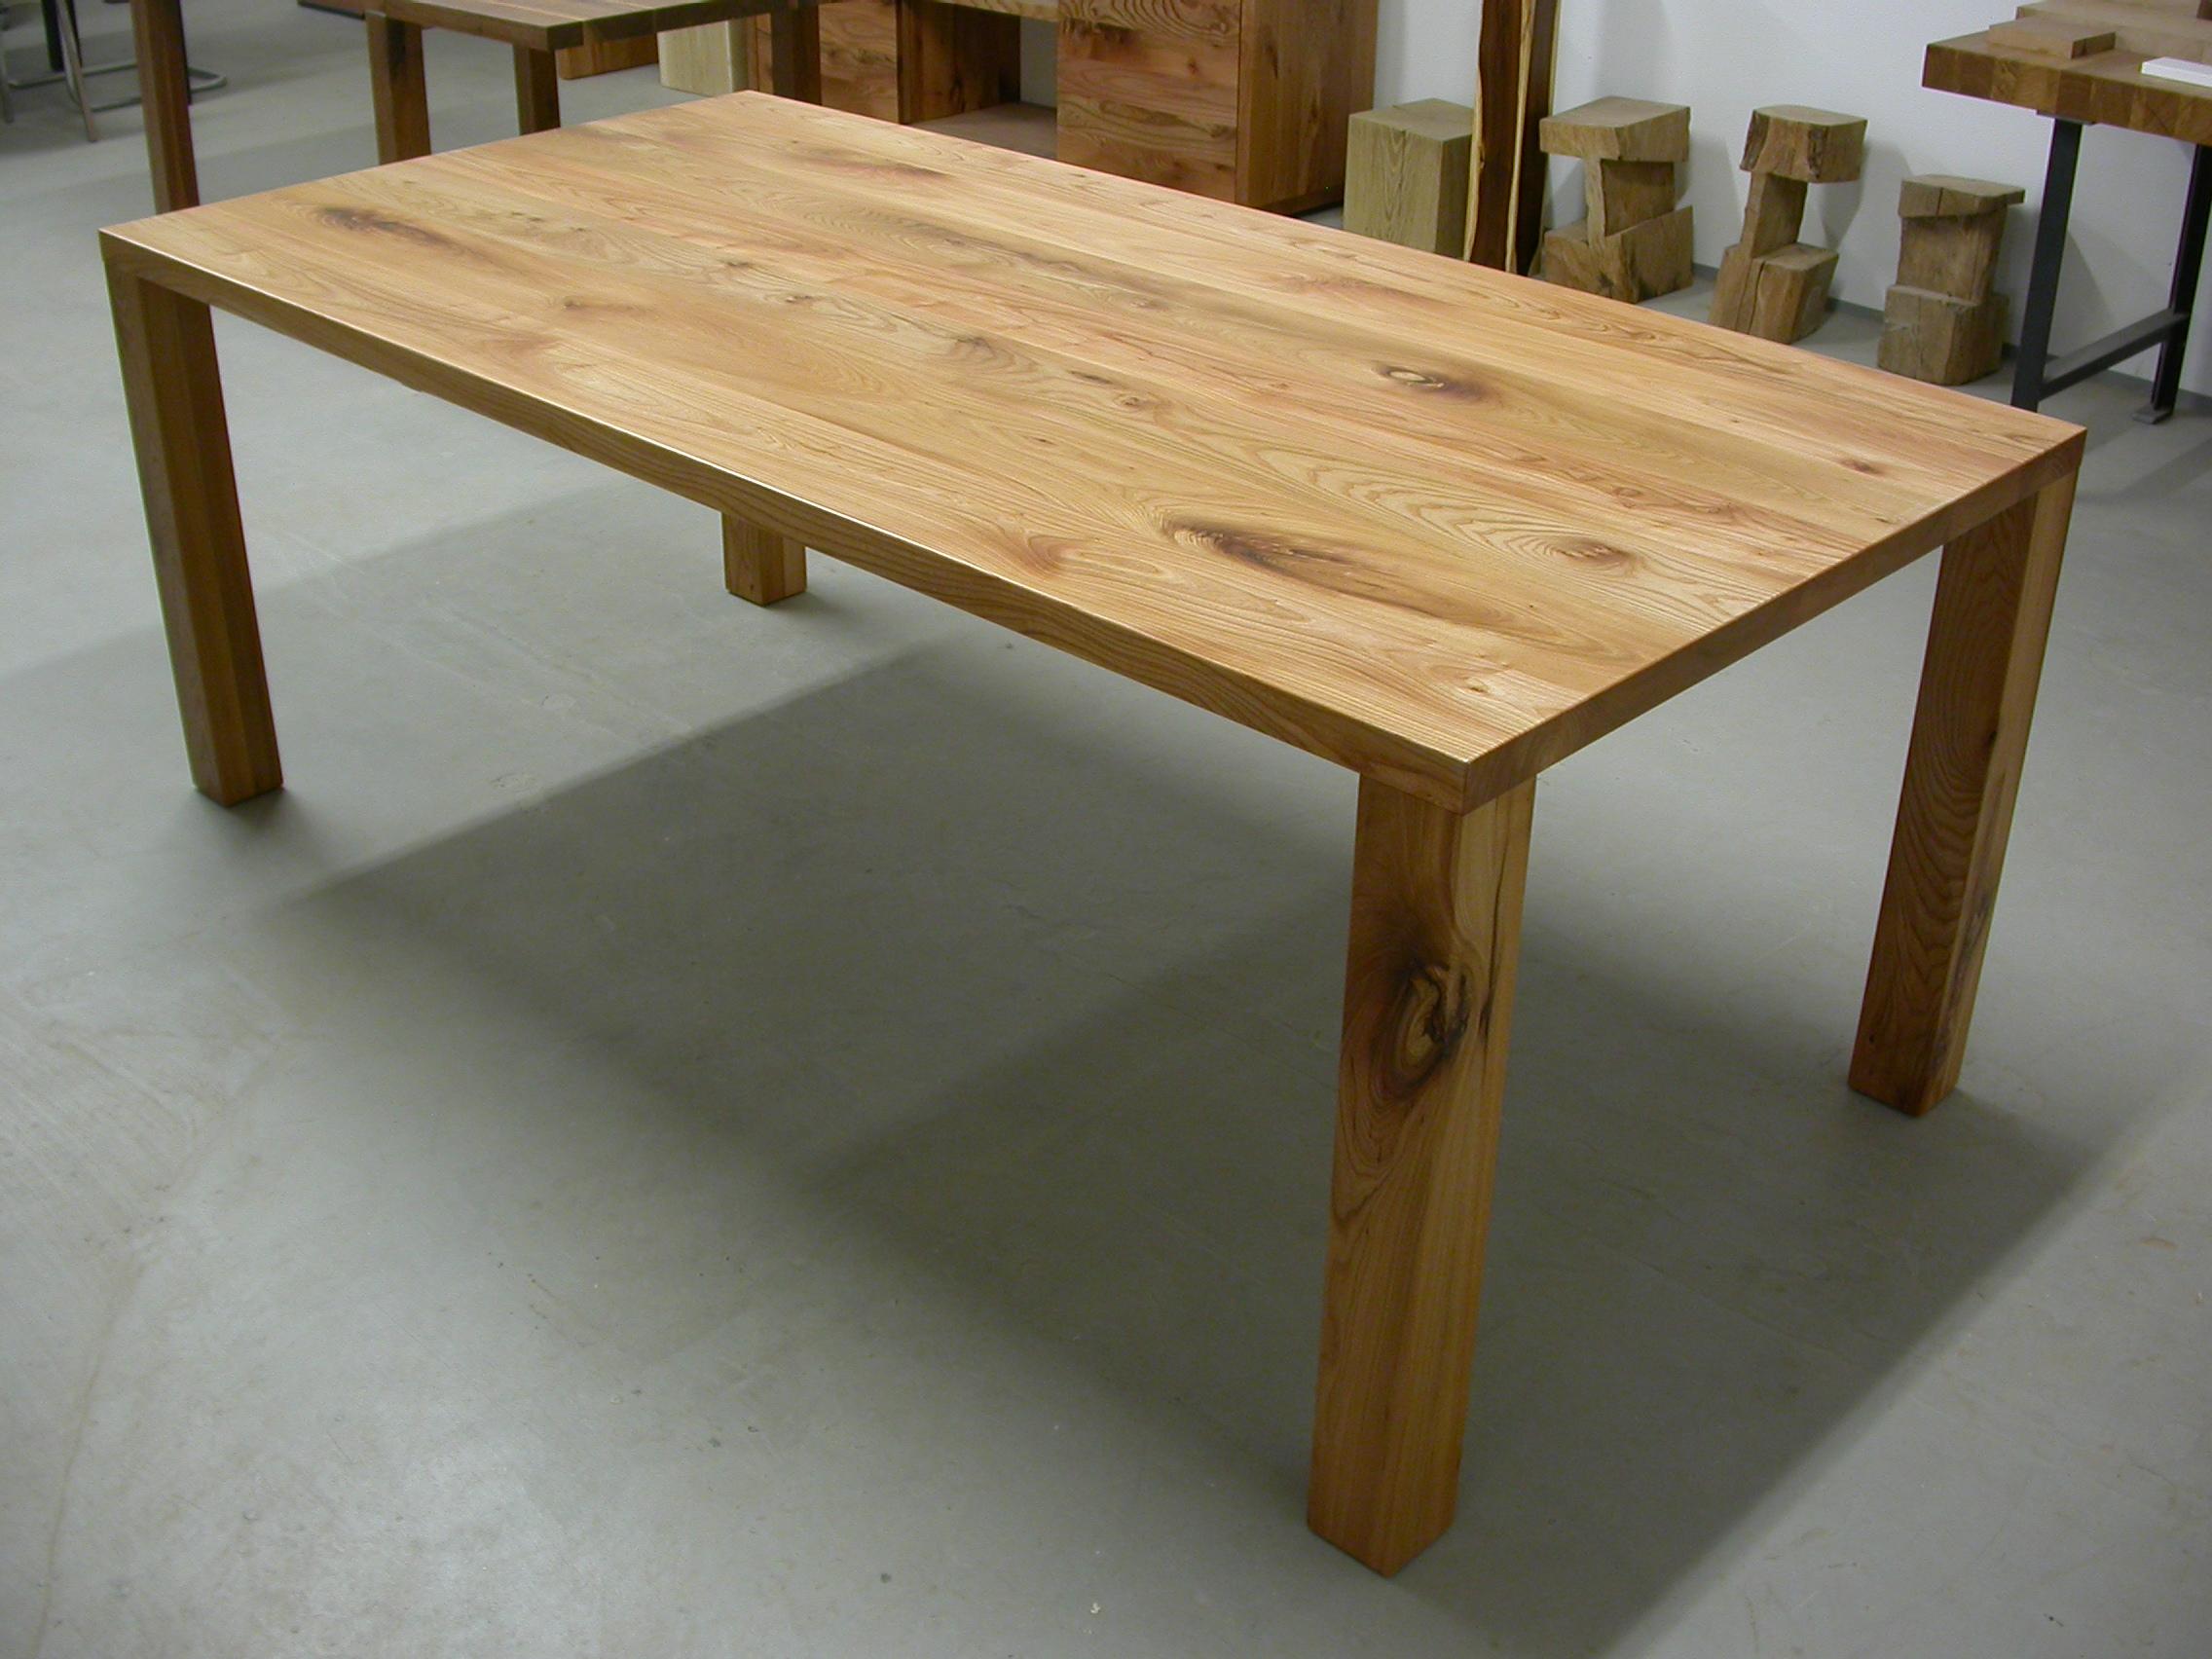 Tisch Modo aus Rüster, 200 x 90 x 75 cm, Platte 4 cm, Beine 8 x 8 cm.